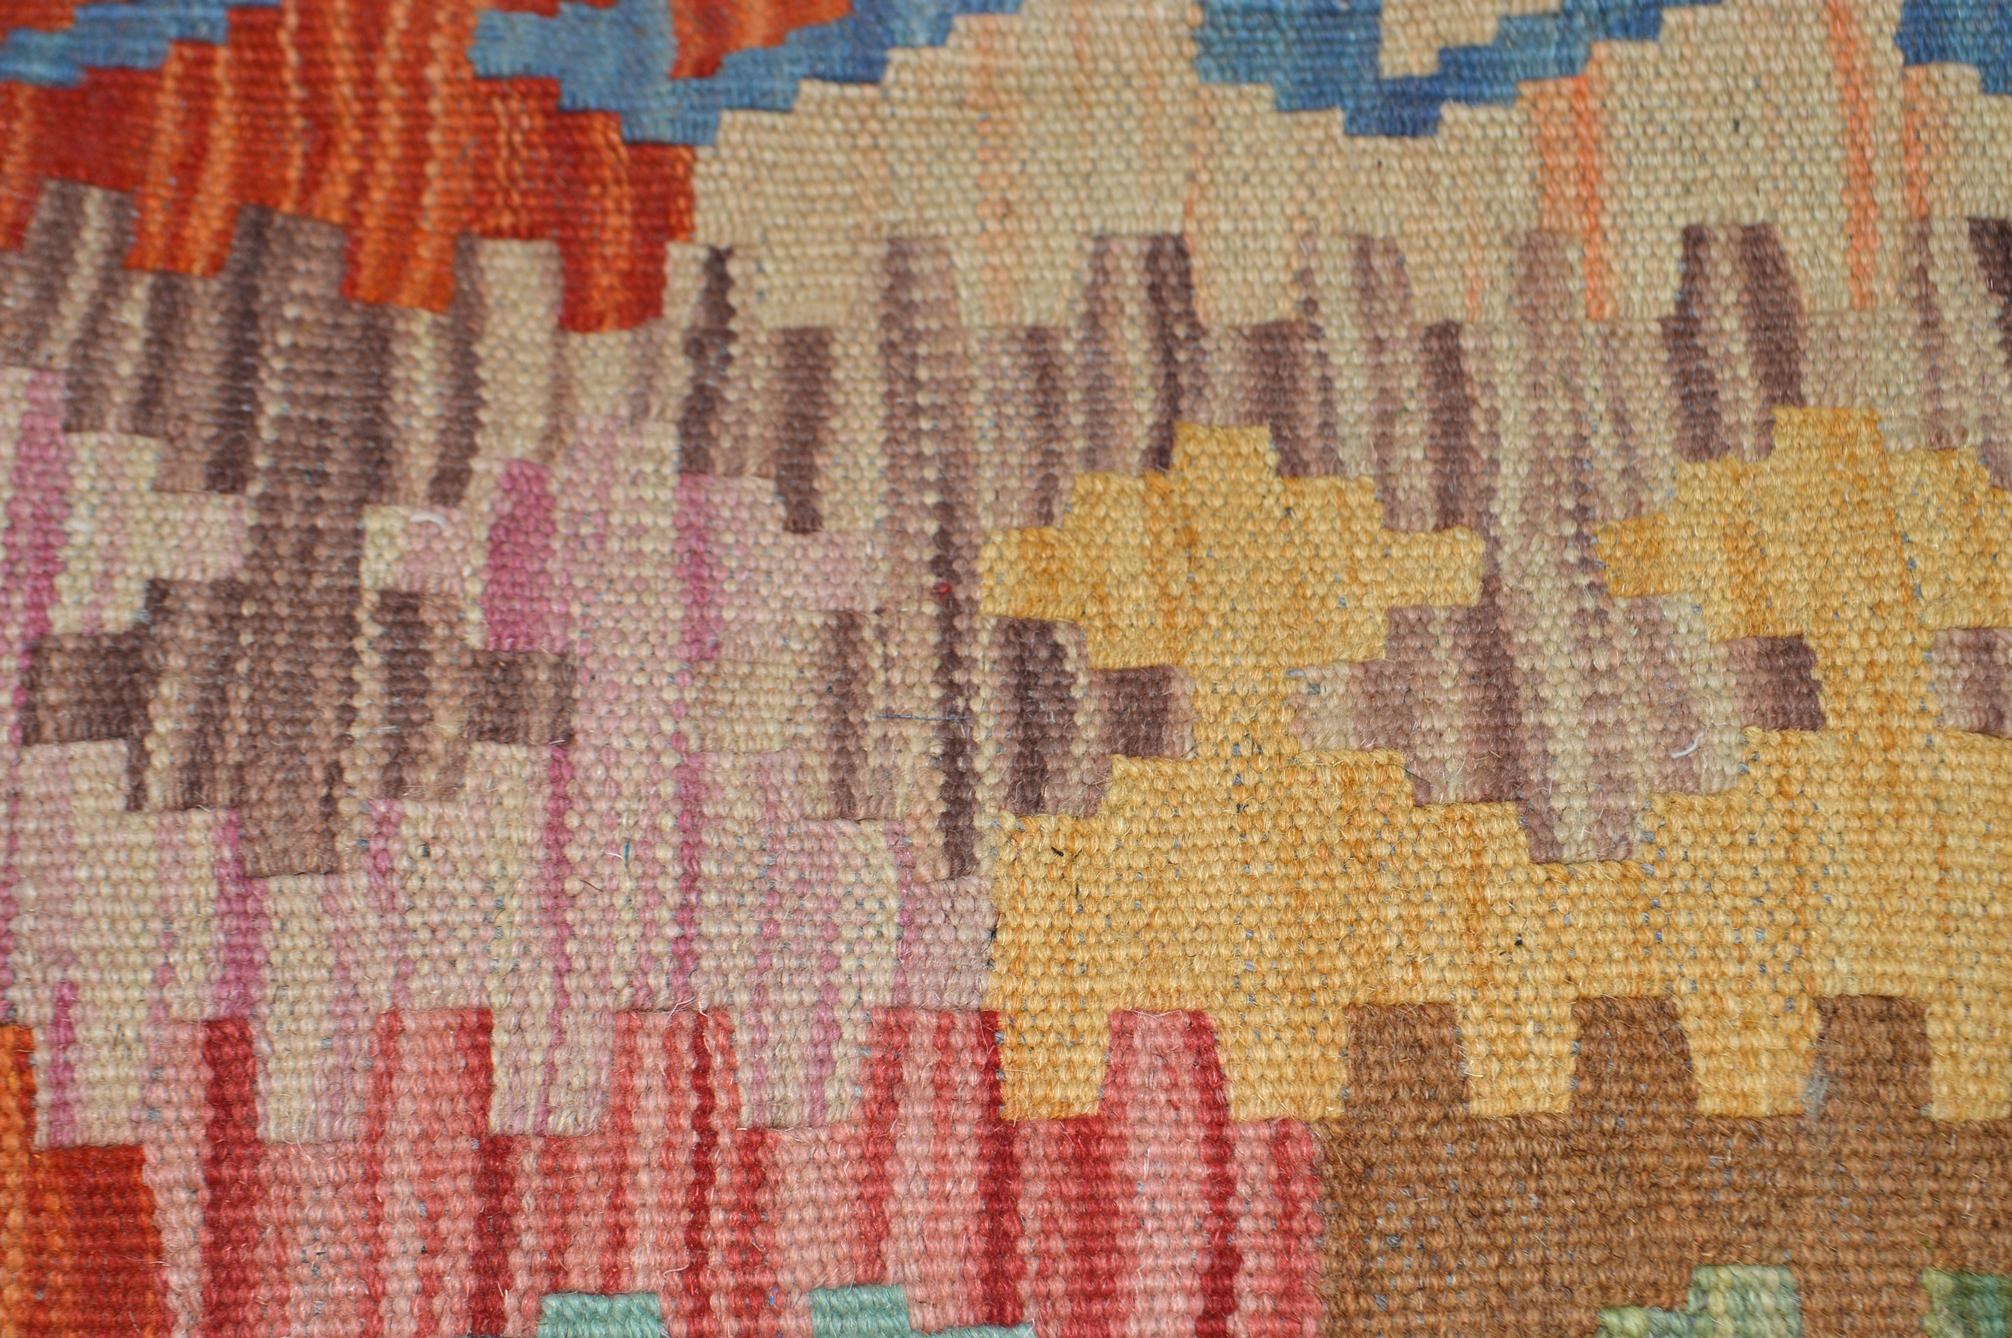 Orientalische Antik Kelim Kissen Unikat aus Wolle, handgewebte Deko Kissen, Vintage AKS 030 Größe 47 x 43 cm